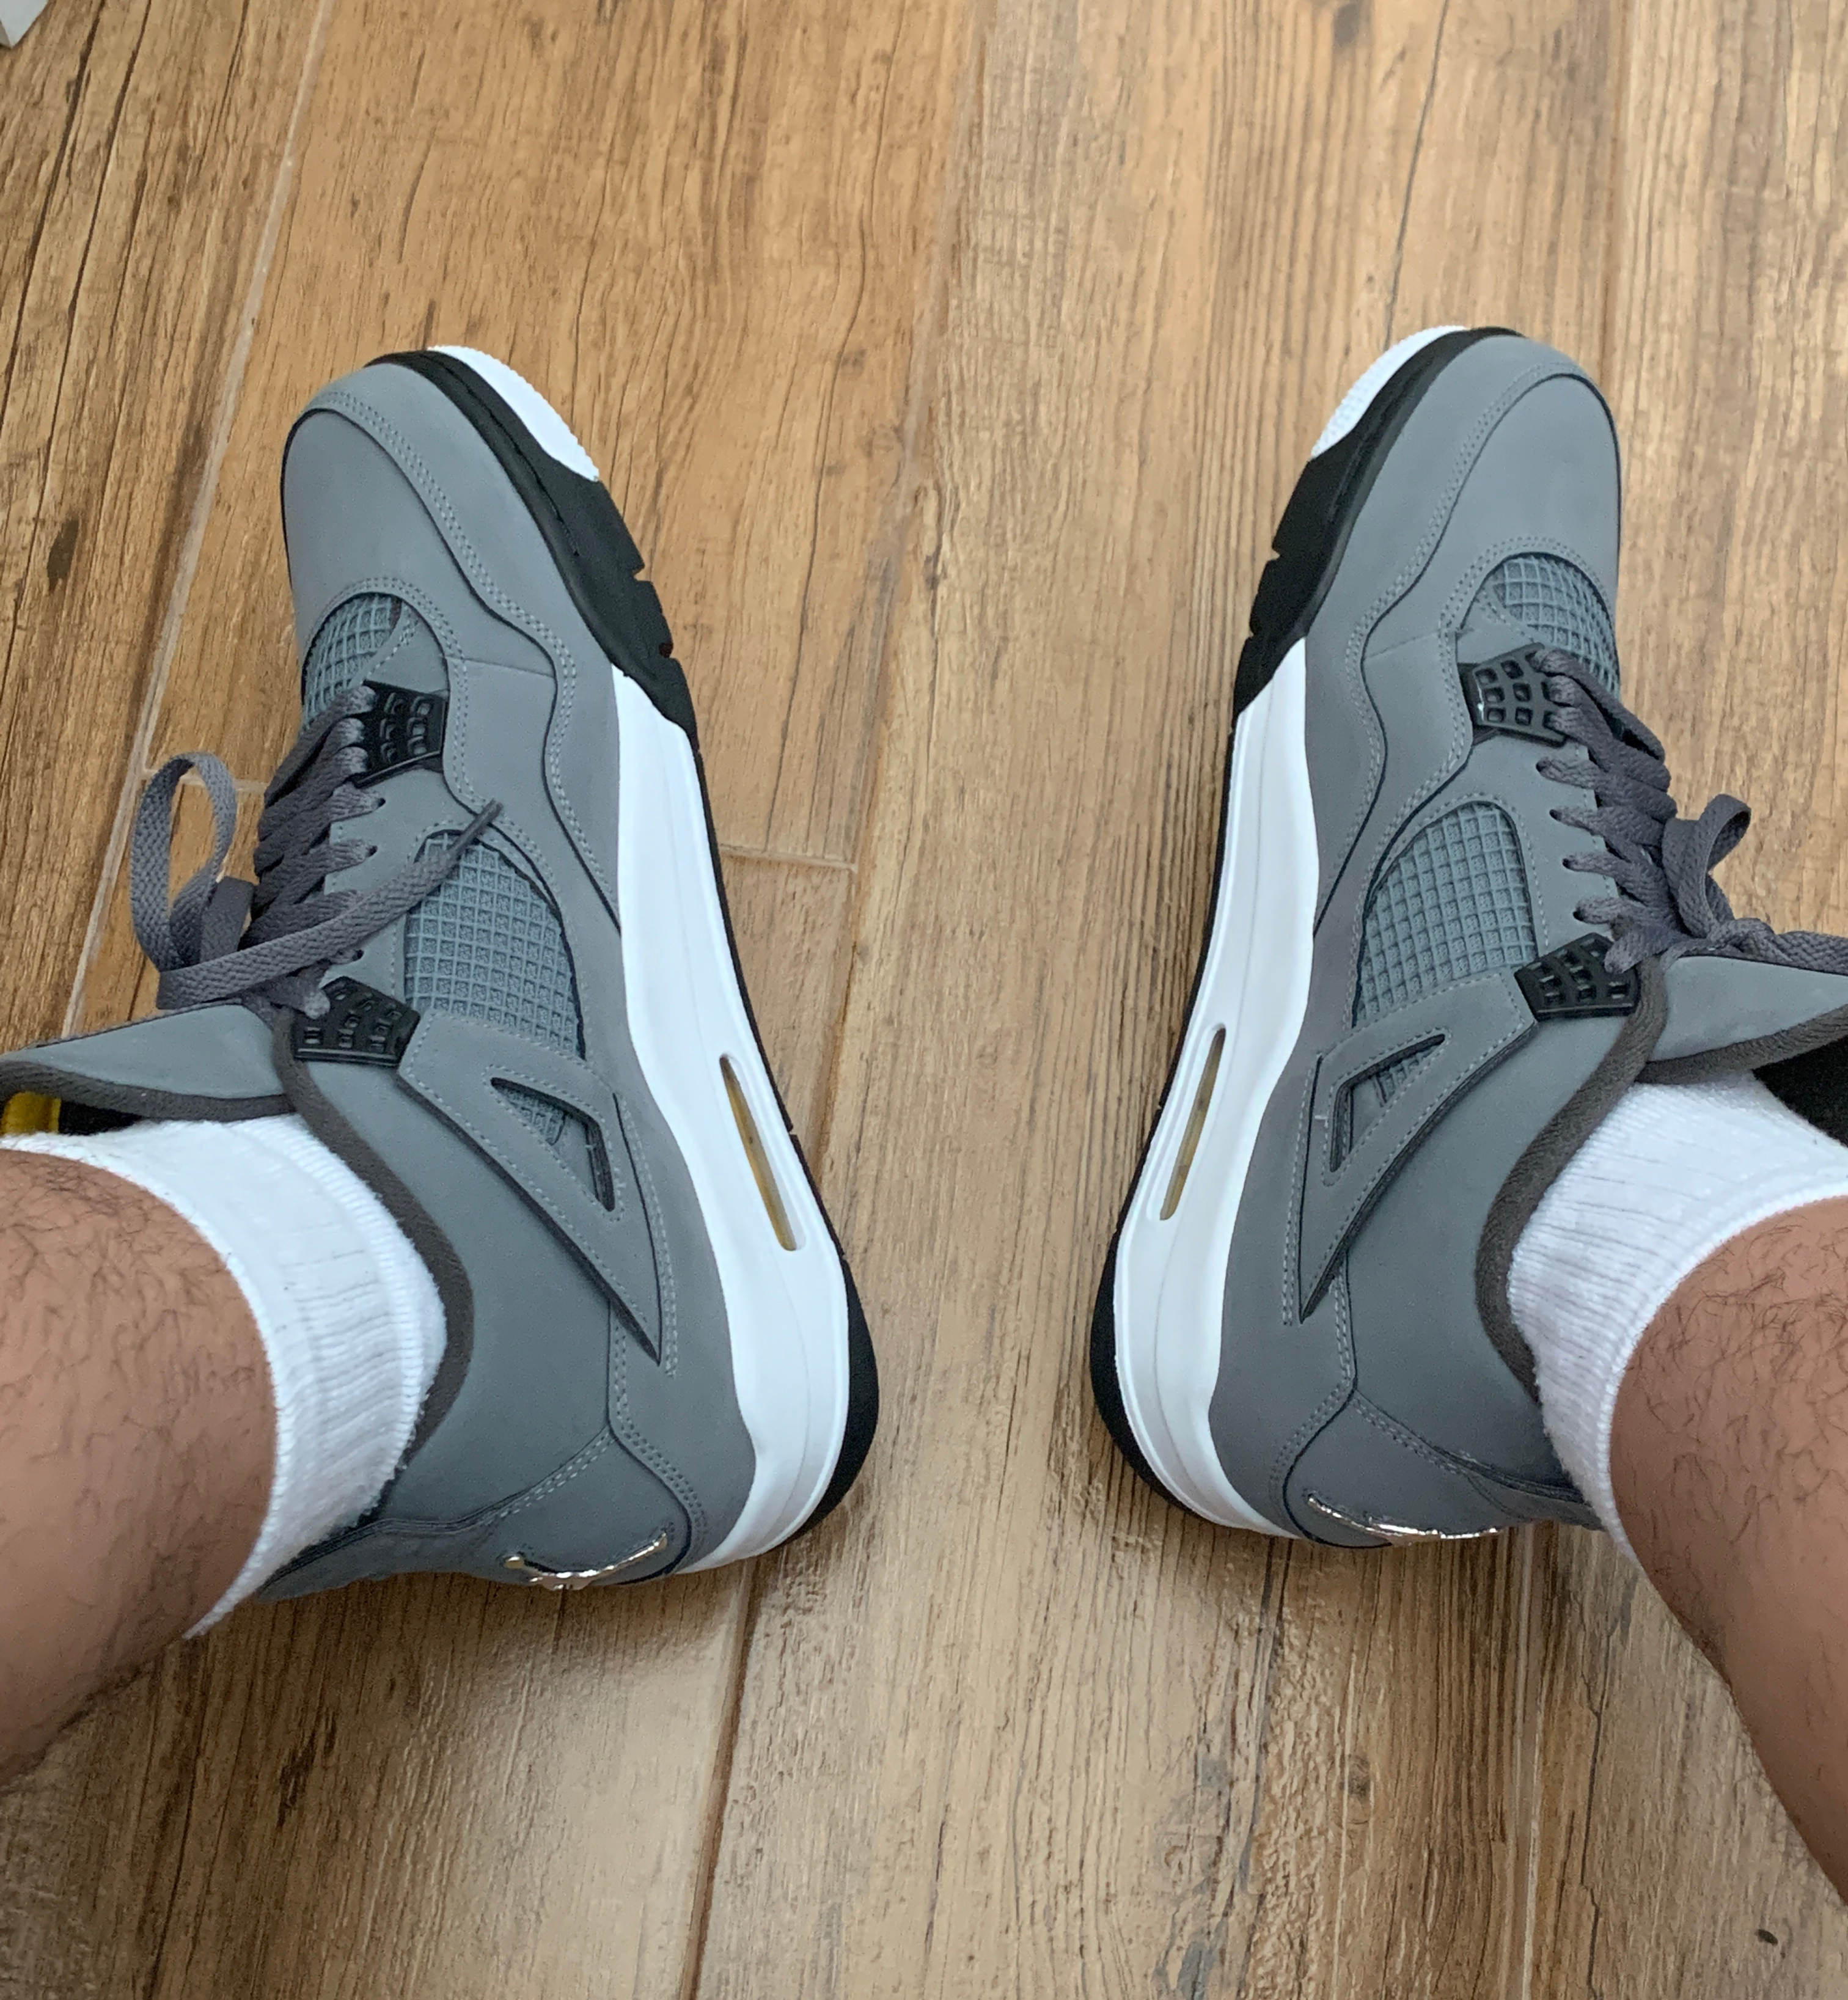 Air Jordan 4 Cool Grey 2019